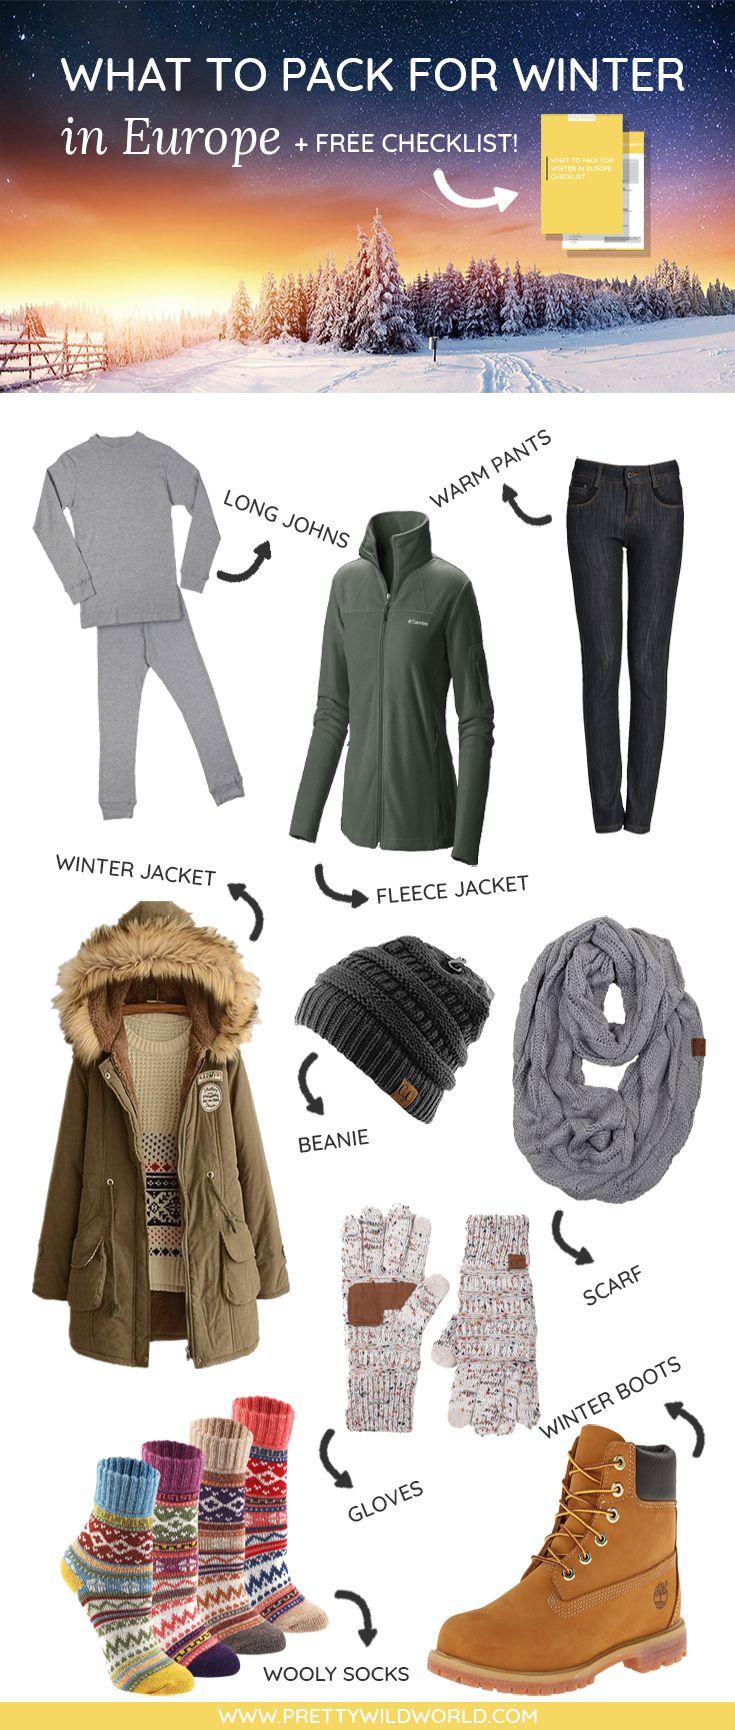 Mala de Viagem Para a Neve: dicas para arrumar a mala para o